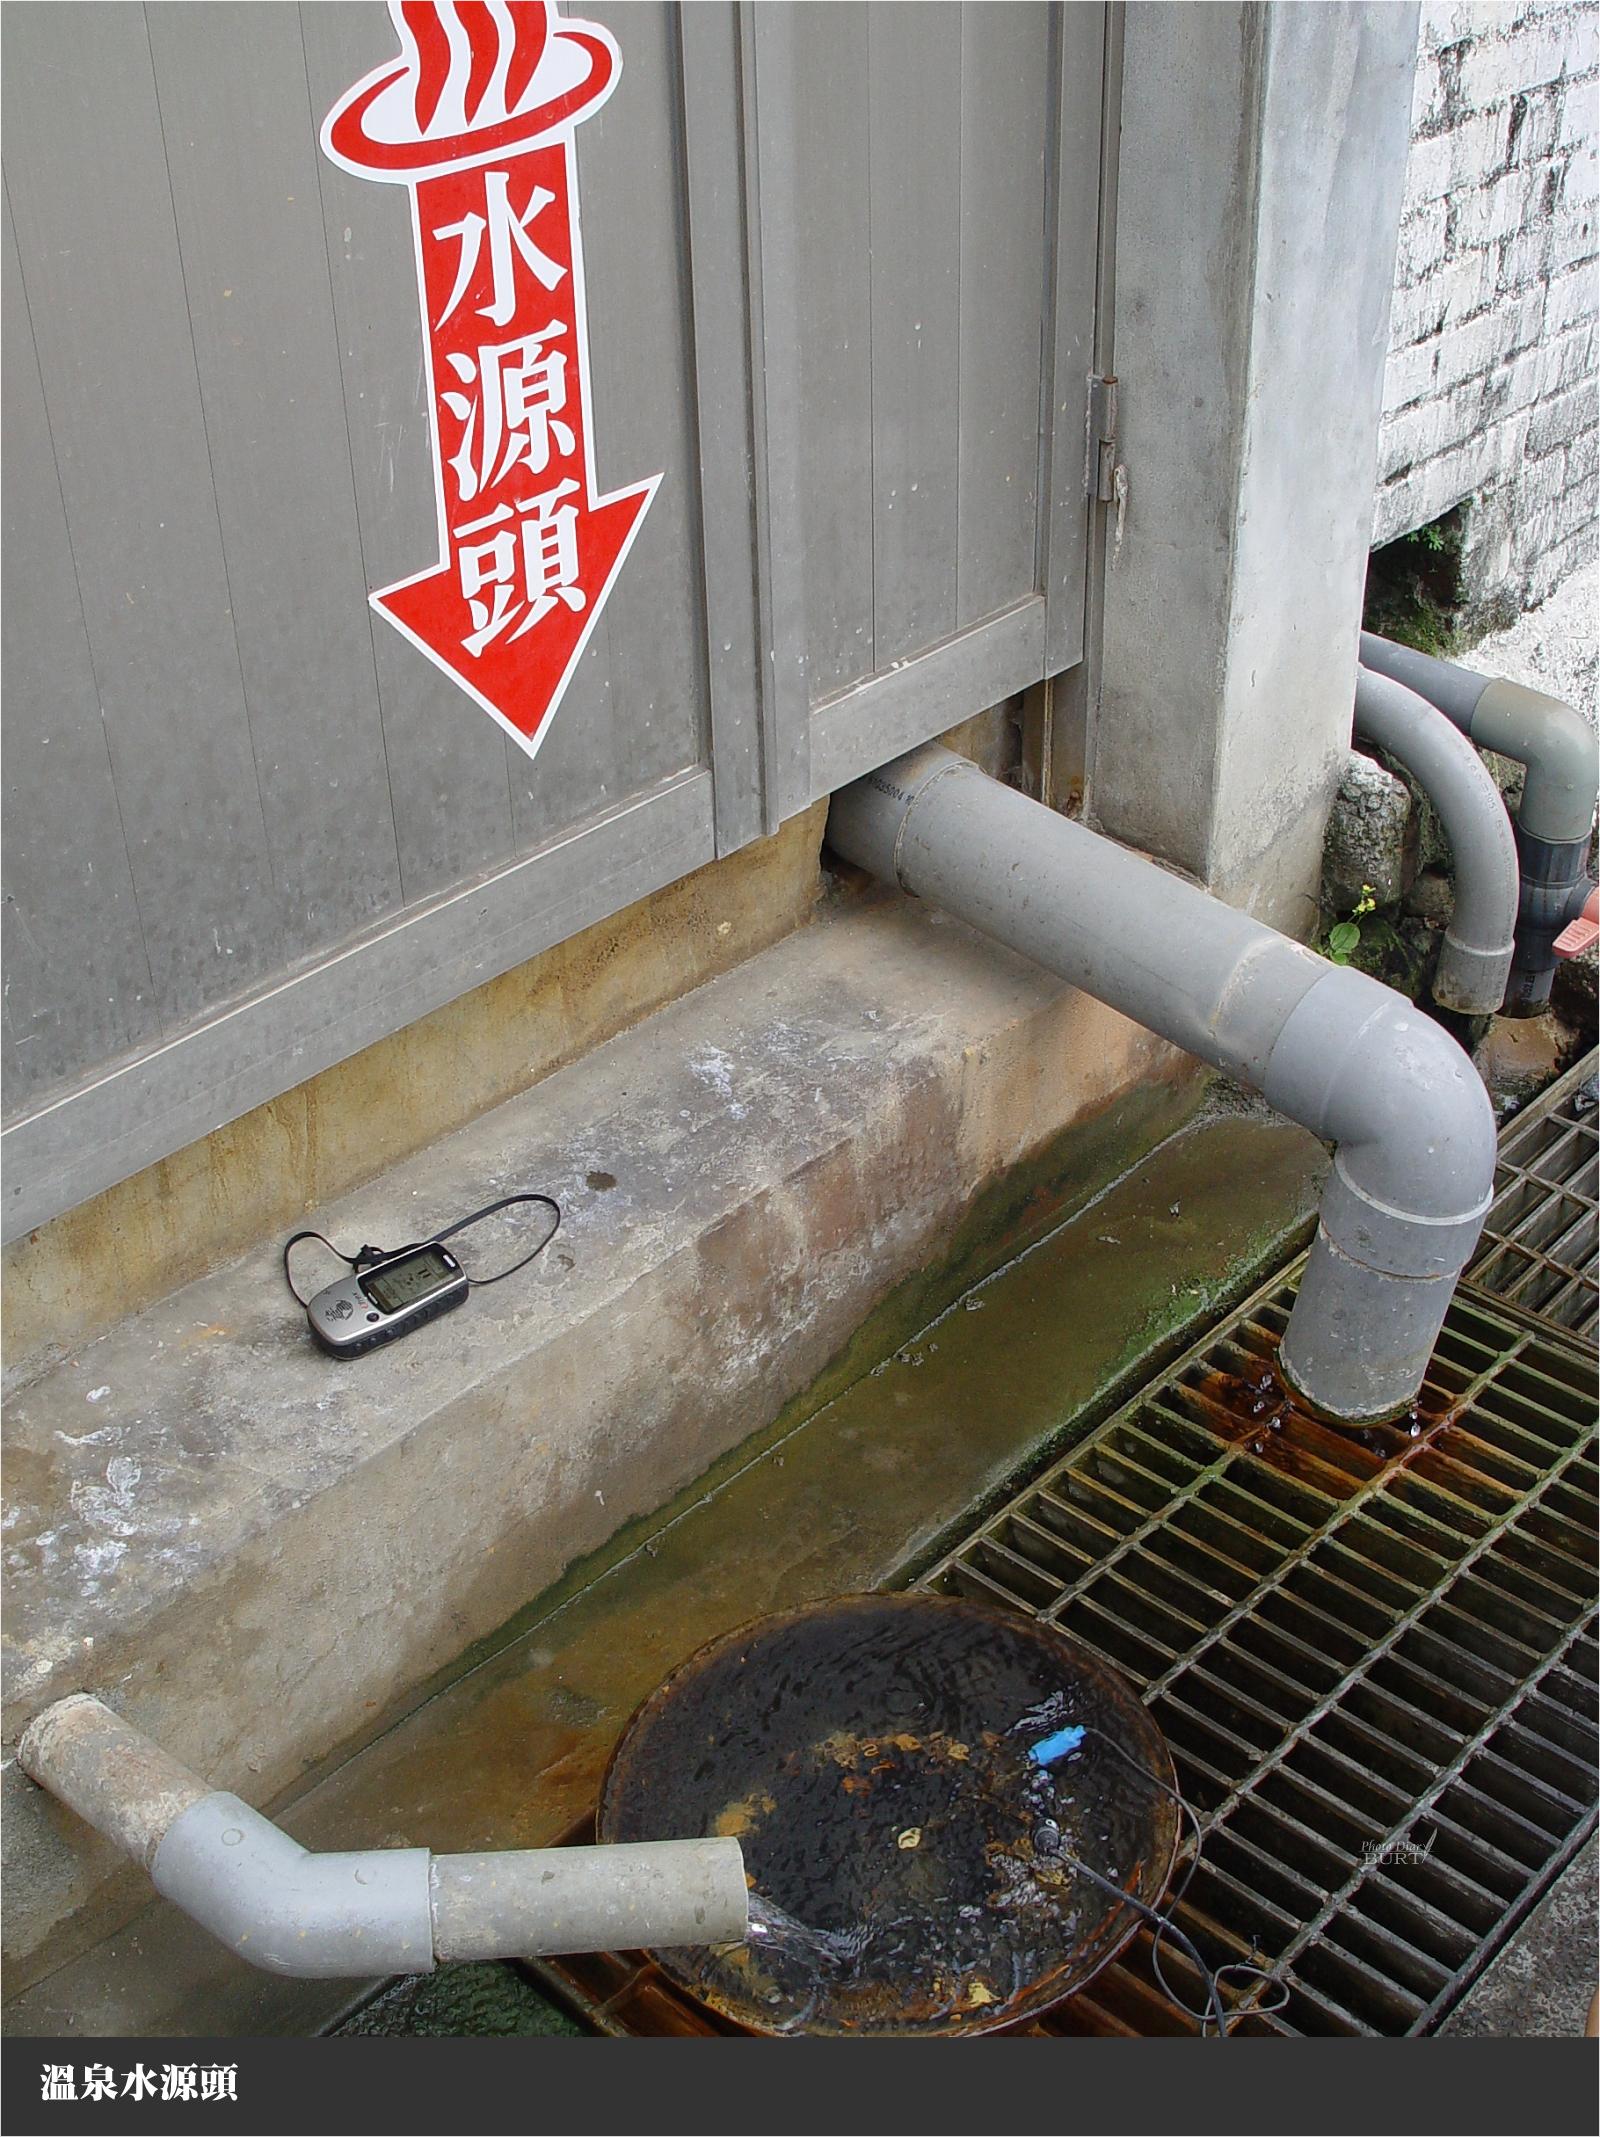 溫泉水源頭